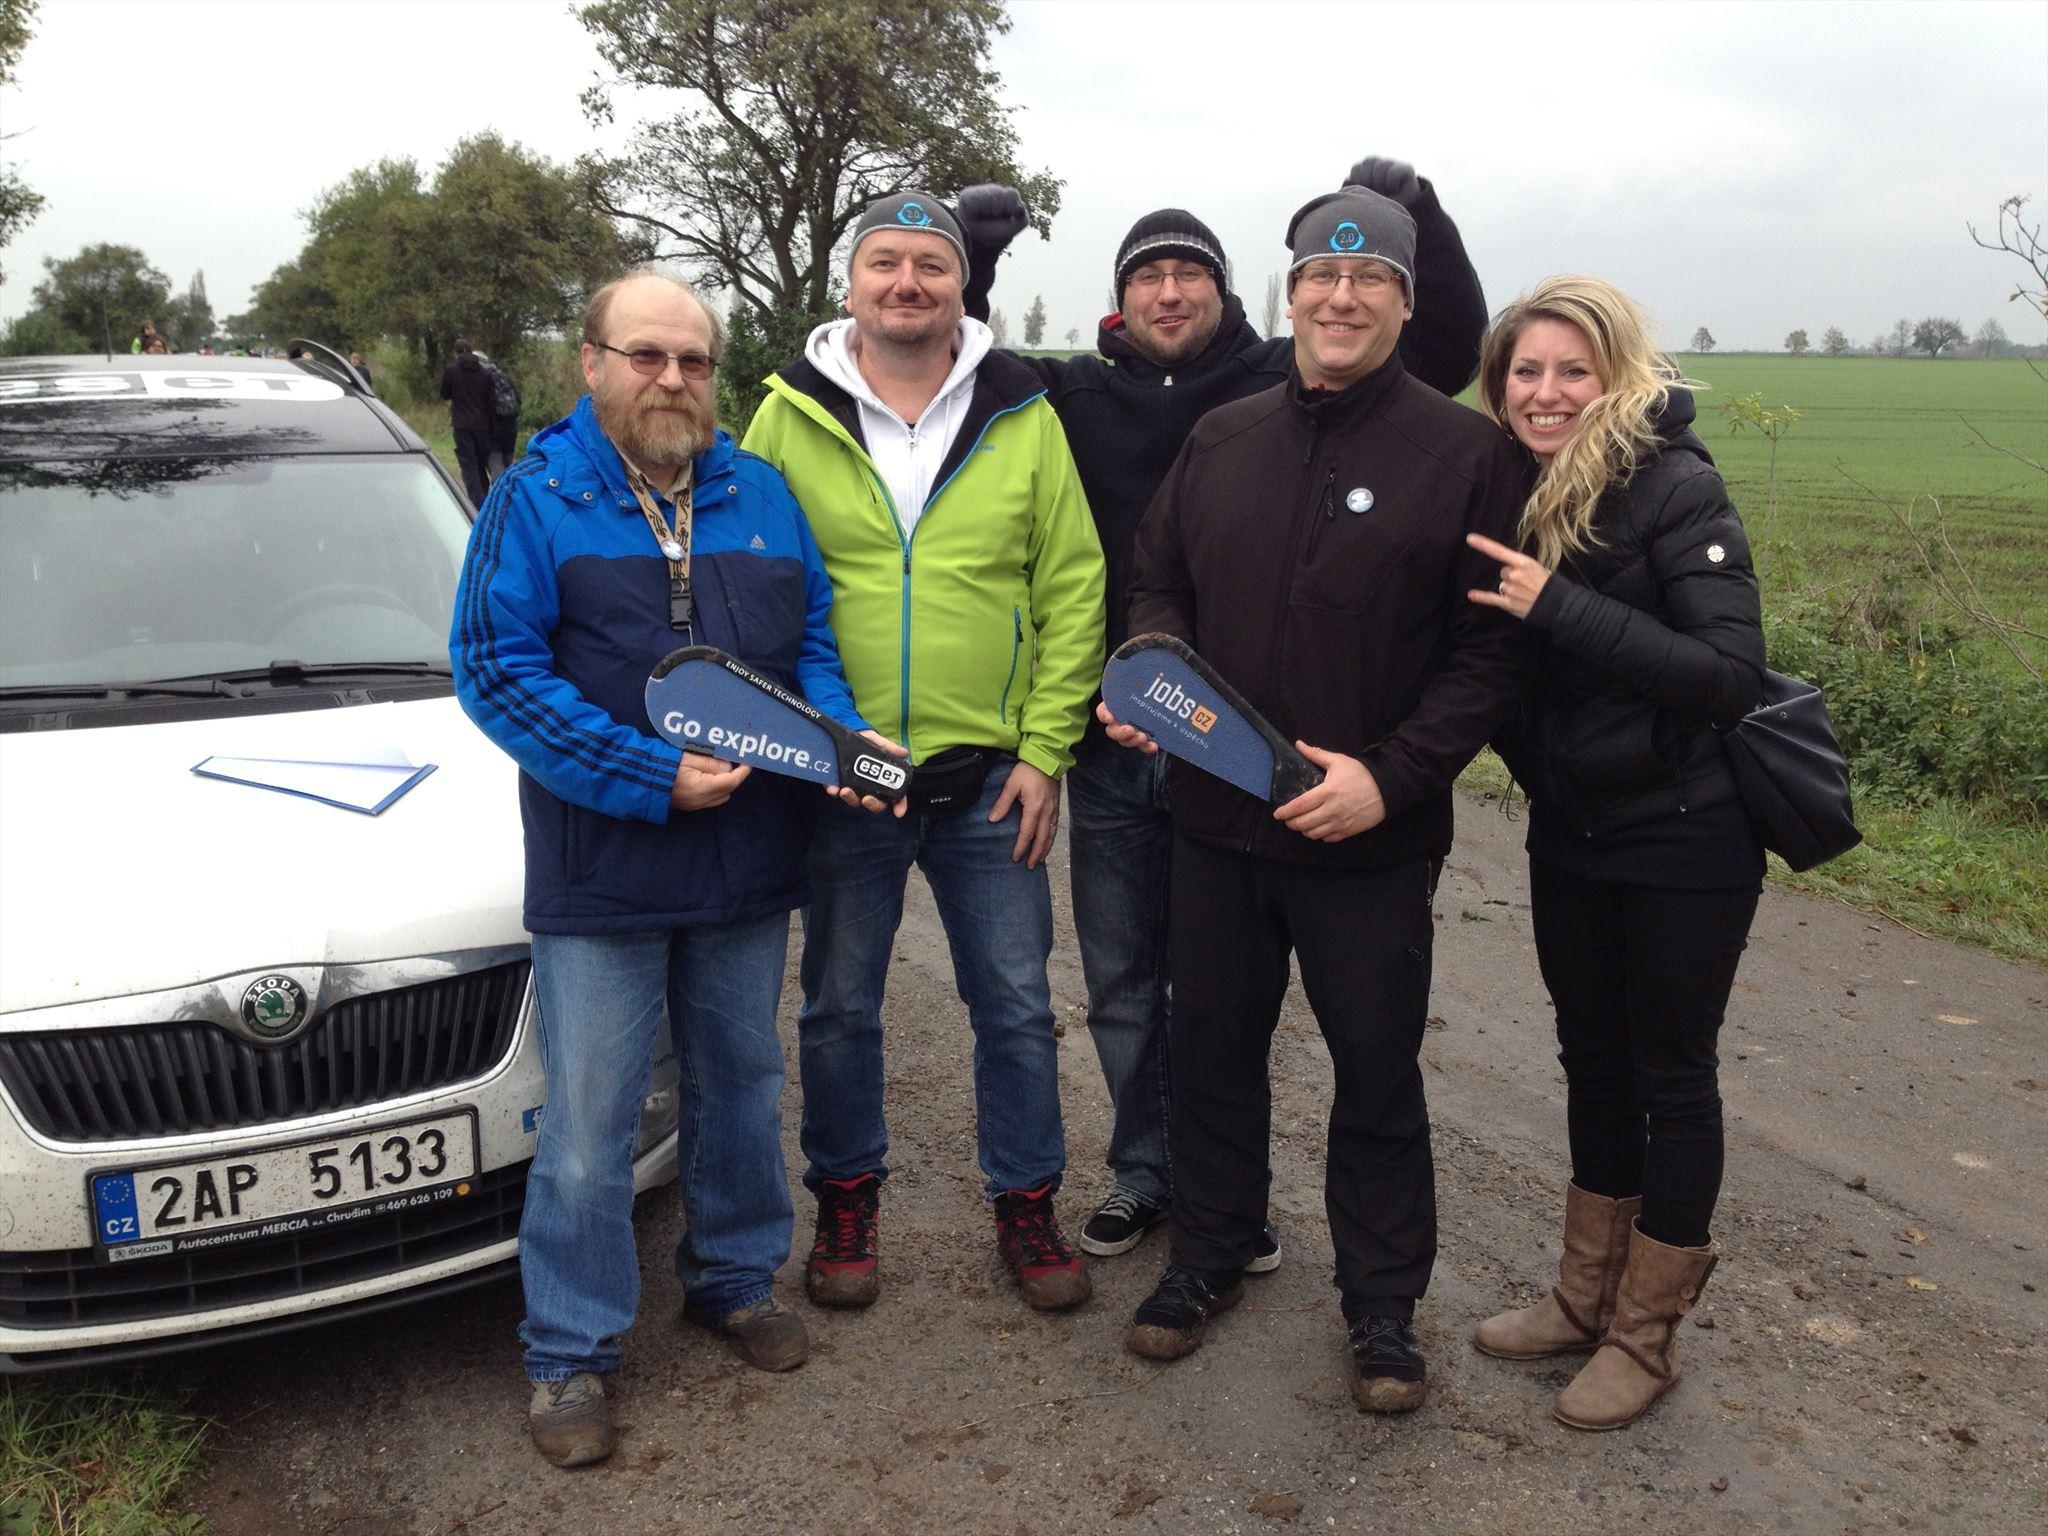 Mobilní tým stratocachingu - Ottik5, Malin.cz a Mimaci